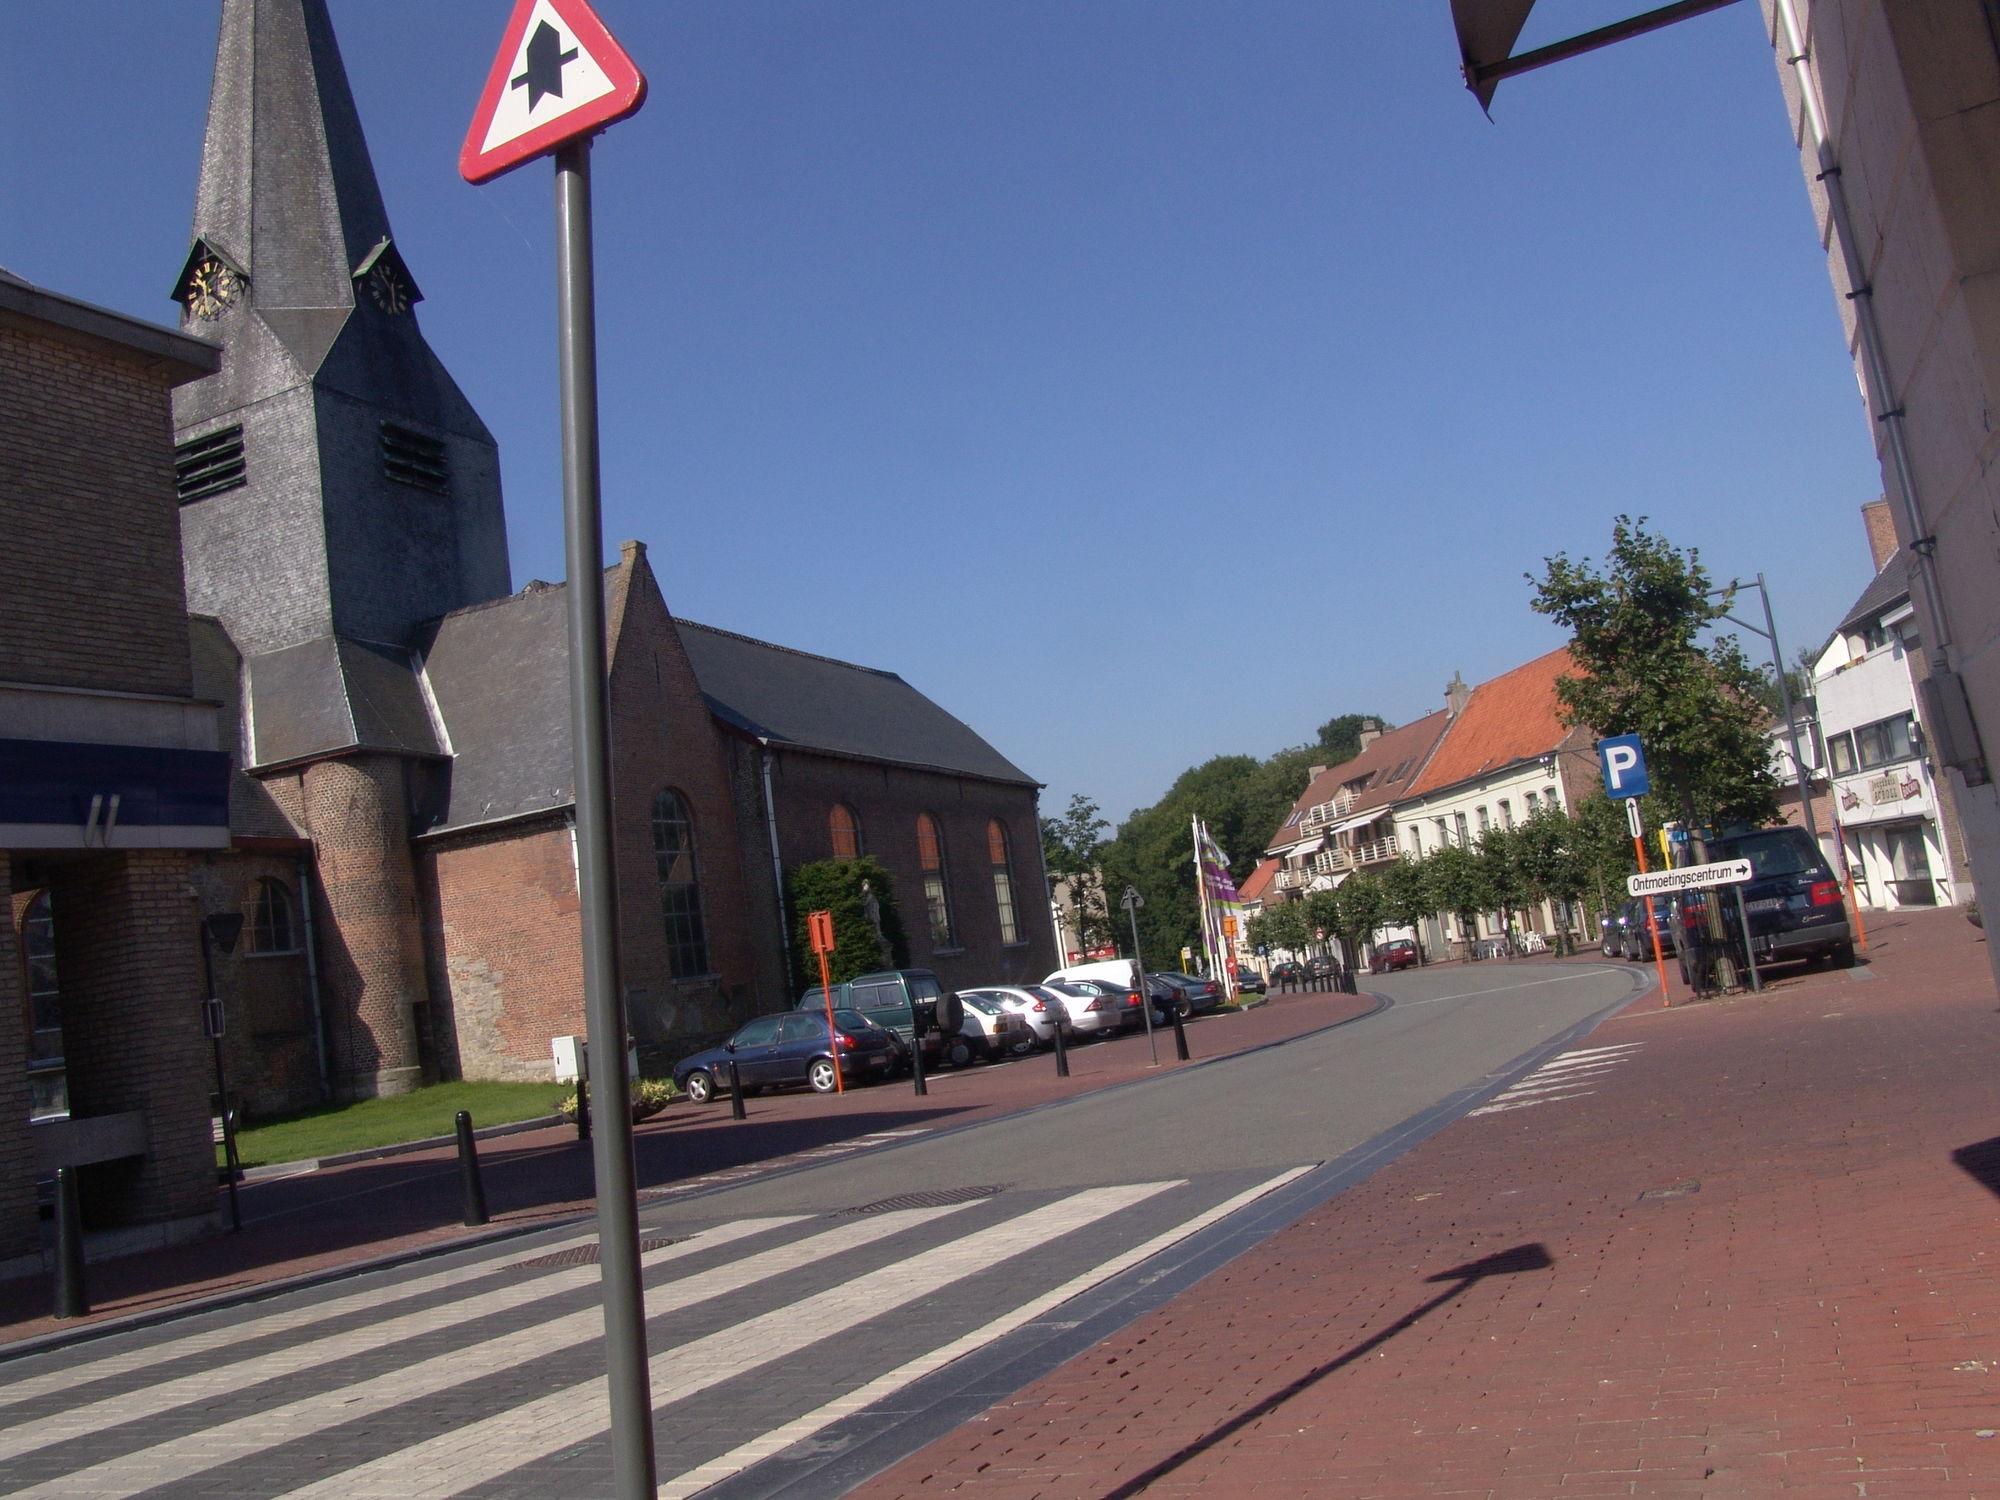 Bellegem St Amanduskerk